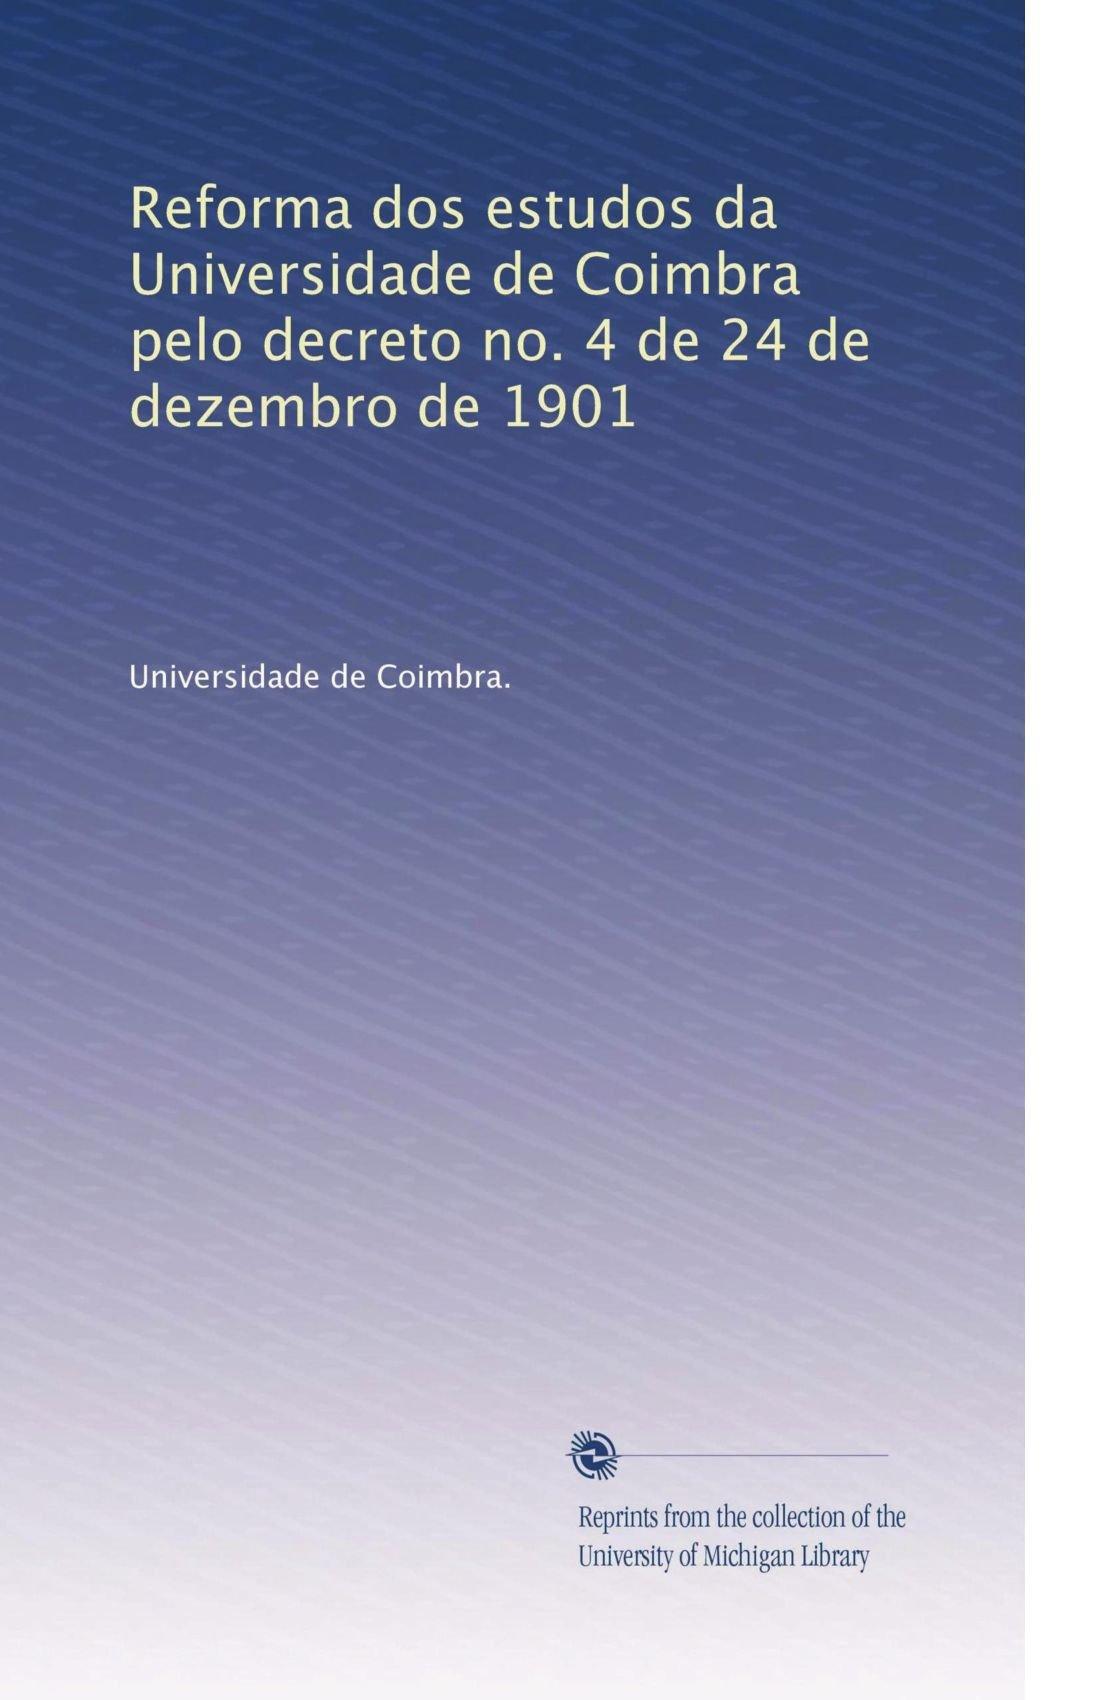 Download Reforma dos estudos da Universidade de Coimbra pelo decreto no. 4 de 24 de dezembro de 1901 (Portuguese Edition) ePub fb2 book